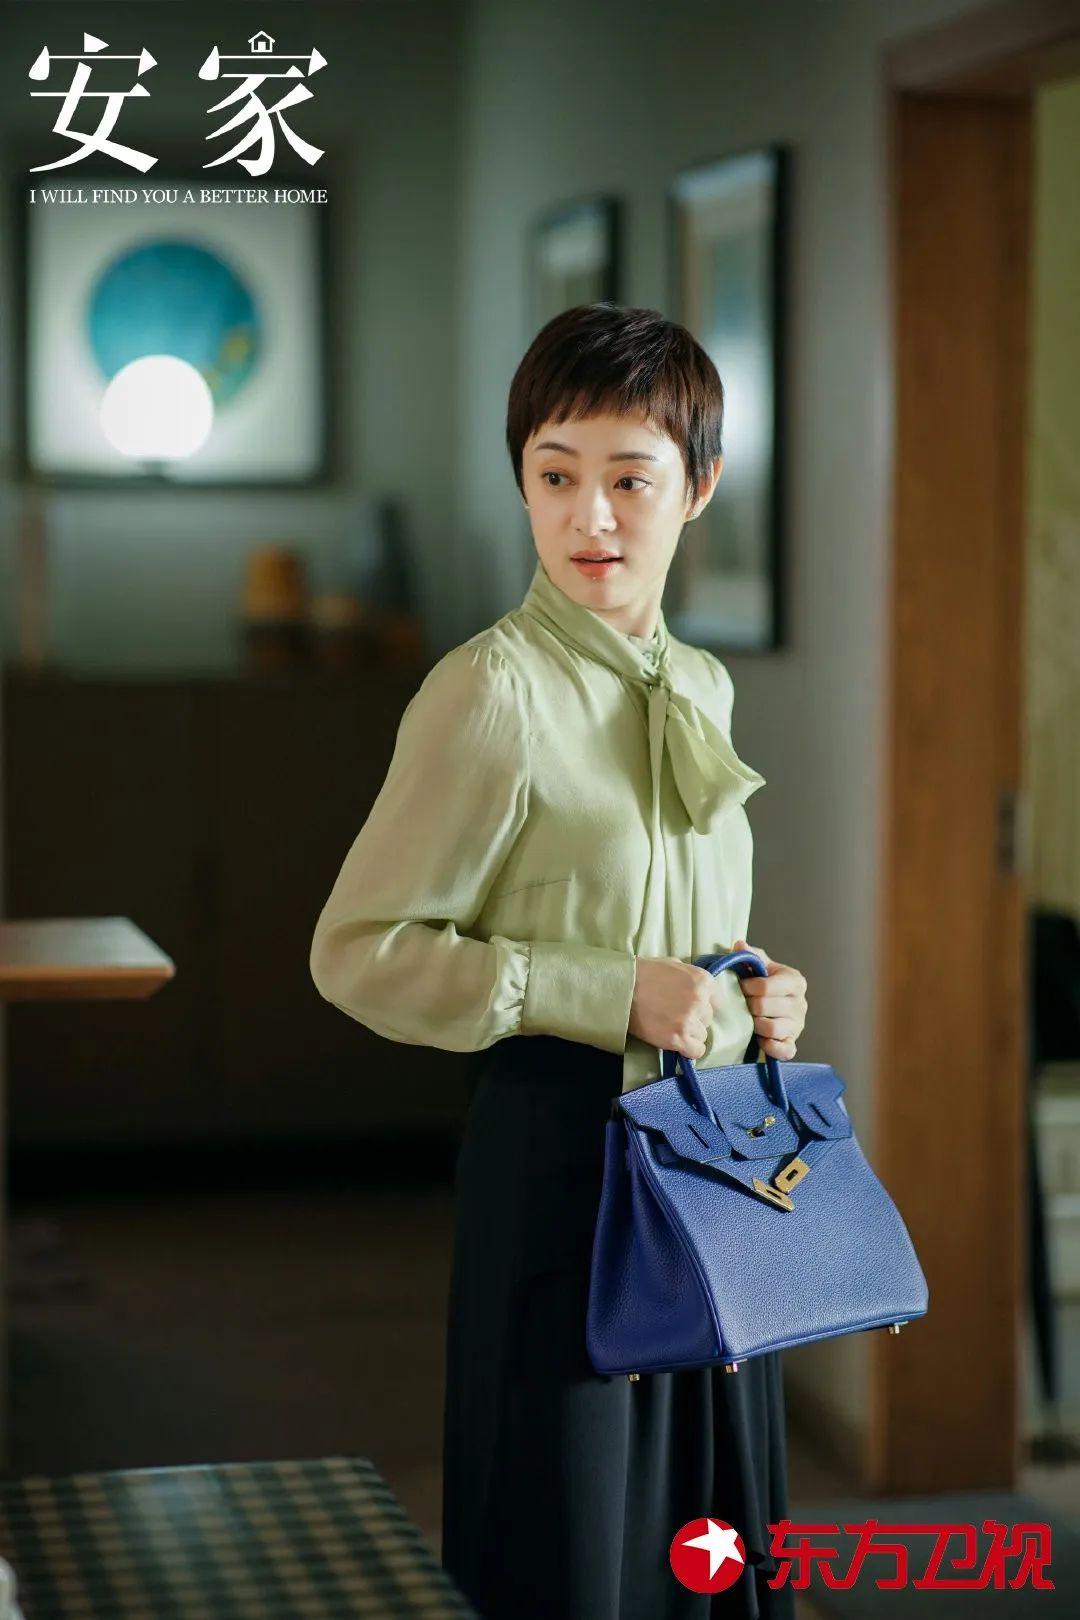 """Style công sở của Tôn Lệ trong phim mới khiến dân tình phân vân: Người khen đẹp, người chê vừa xấu vừa """"dừ"""" - Ảnh 2."""